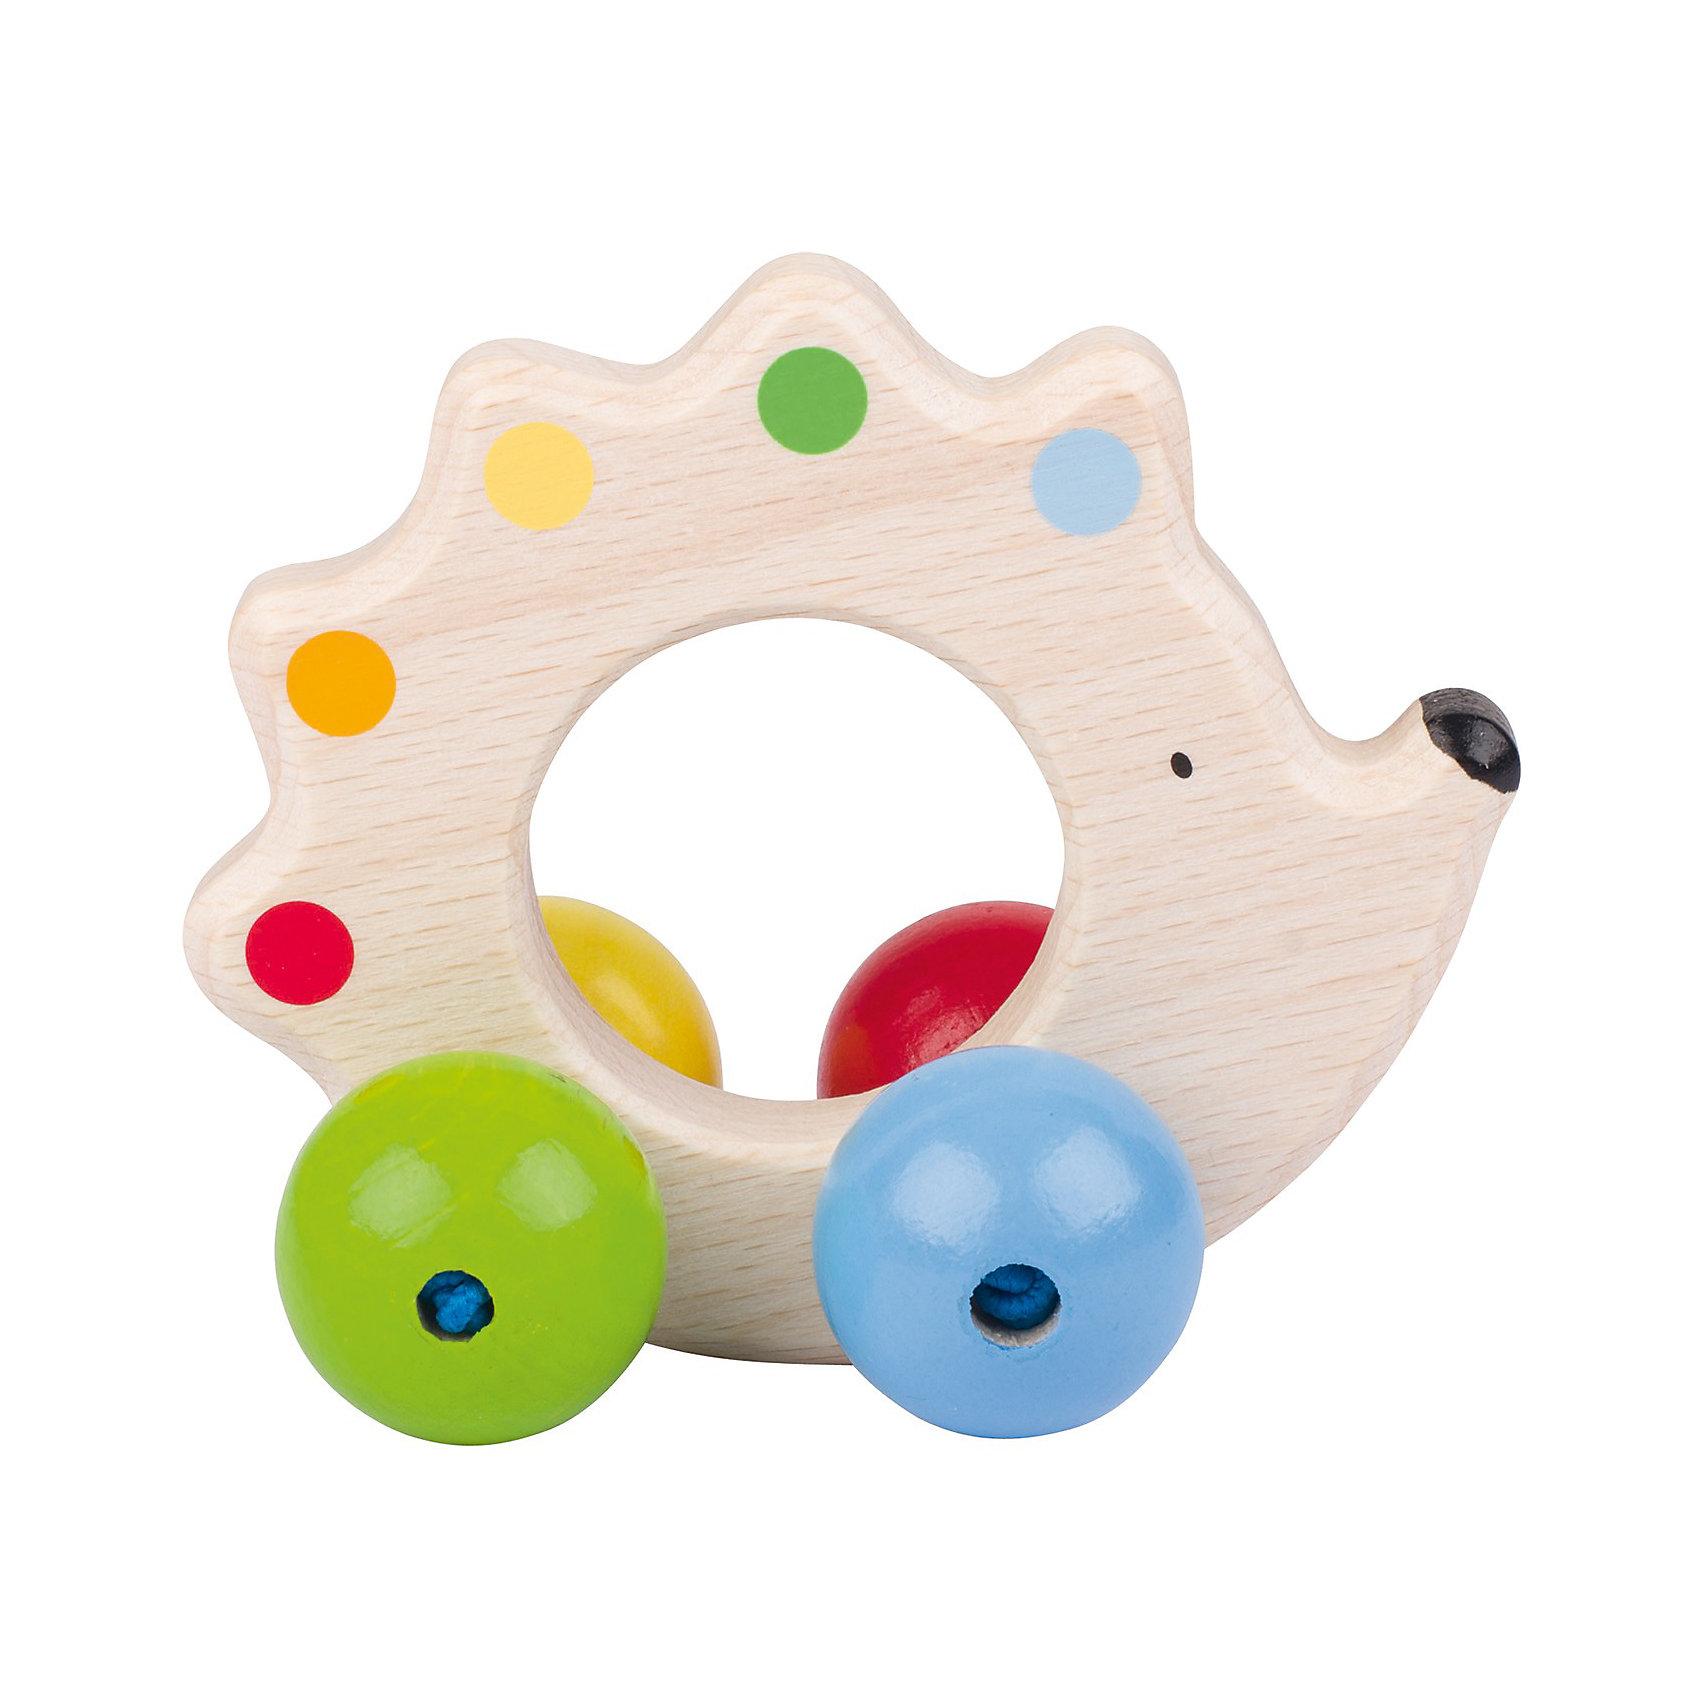 Игрушка Ёжик с бусинками HEIMESSПрекрасная развивающая игрушка для малышей. Вашему малышу обязательно понравится маленький ежик с яркими разноцветными бусинками. Бусинки- колесики приятны на ощупь, двигаются, размер ёжика соответствует детской ручке. Игрушка выполнена из высококачественных материалов, раскрашена нетоксичной краской.<br><br>Дополнительная информация:<br><br>- Материал: дерево<br>- Цвет: белый, голубой, желтый, зеленый, розовый.<br>- Размер: 11 см<br><br>Игрушку Ёжик с бусинками HEIMESS можно купить в нашем магазине.<br><br>Ширина мм: 170<br>Глубина мм: 152<br>Высота мм: 63<br>Вес г: 75<br>Возраст от месяцев: 3<br>Возраст до месяцев: 10<br>Пол: Унисекс<br>Возраст: Детский<br>SKU: 3830728